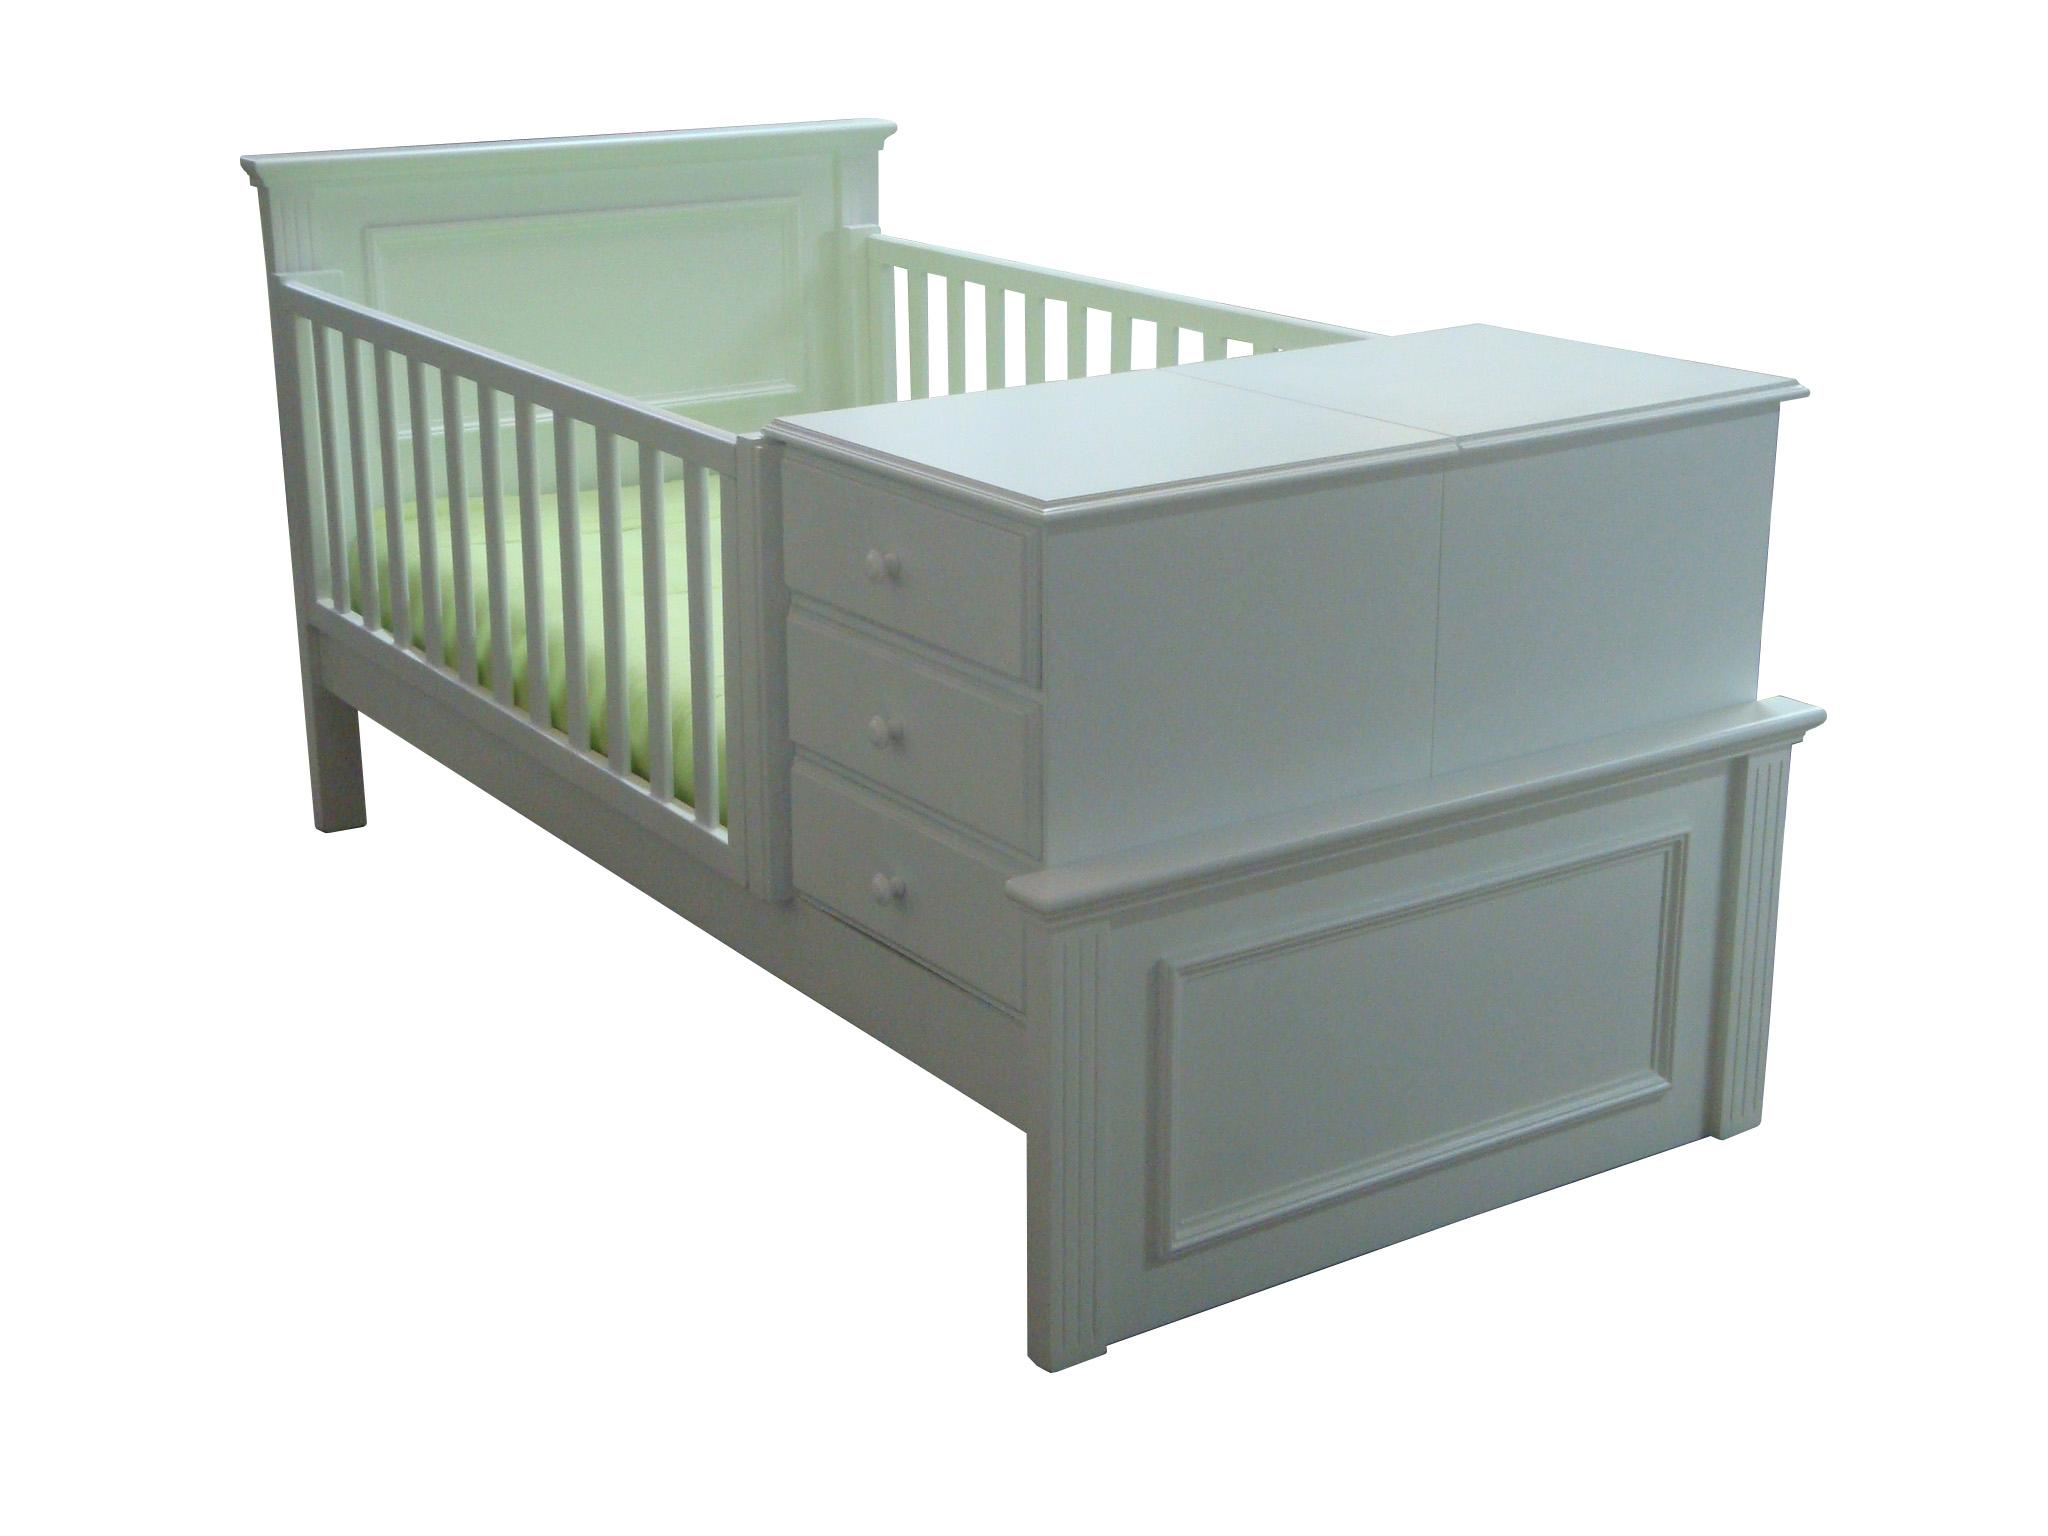 Cuna Funcional Moldurada • Fábrica de Muebles • Grupo Veta